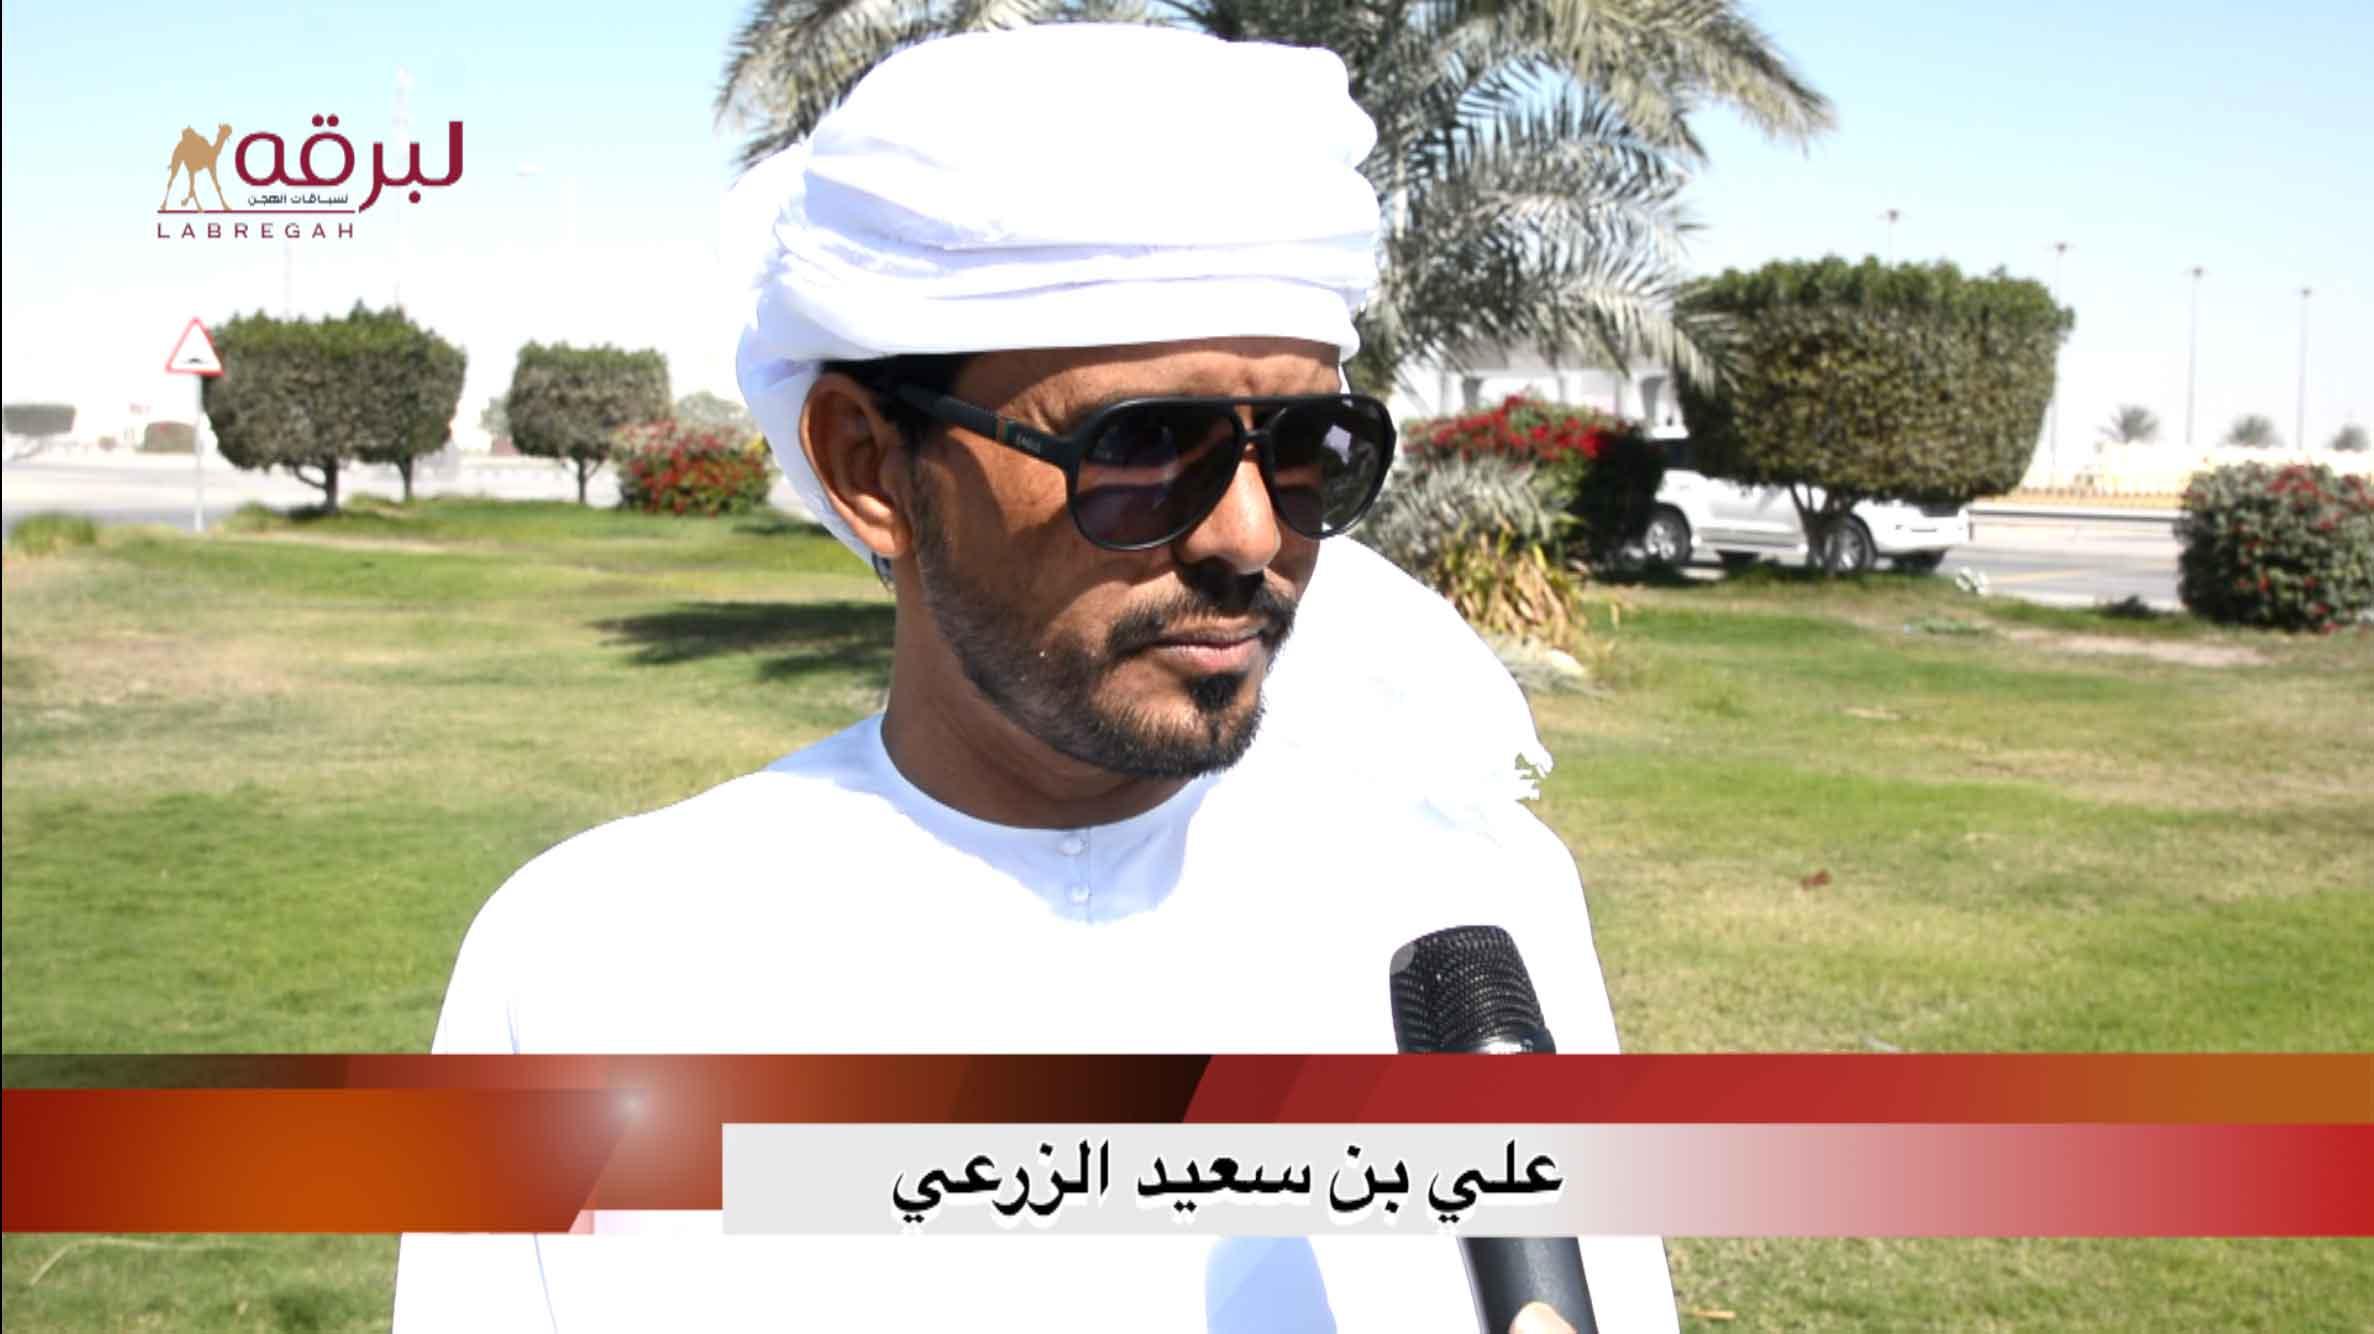 لقاء مع علي بن سعيد الزرعي.. الشوط الرئيسي جذاع قعدان « إنتاج » الأشواط العامة  ١٣-٢-٢٠٢١